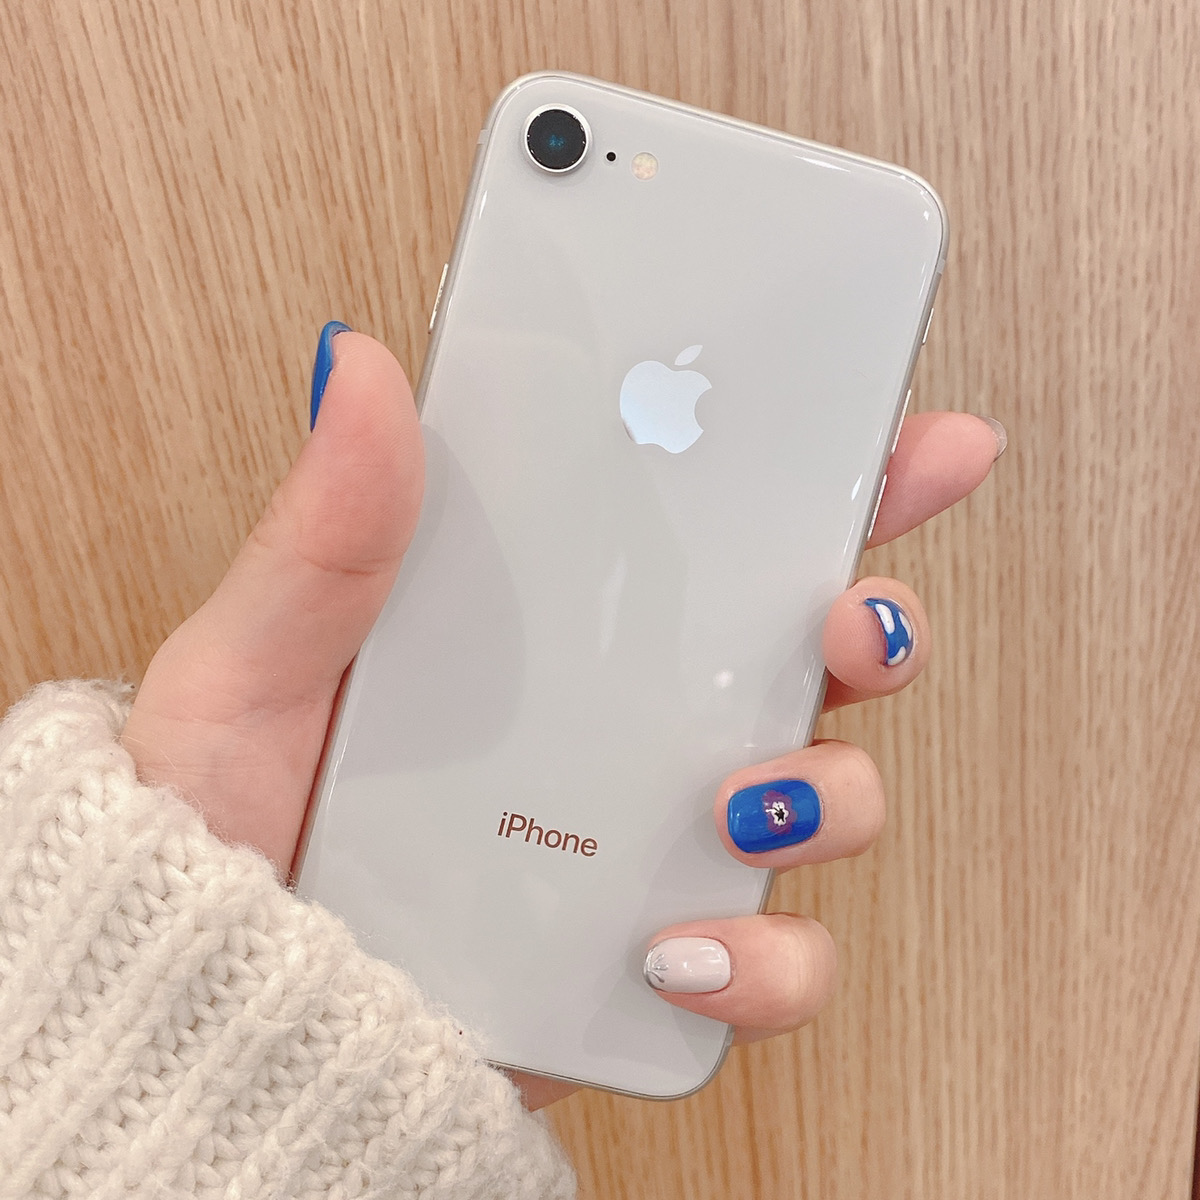 iPhone8 64GB シルバー Softbank〇 中古 画面割れあり